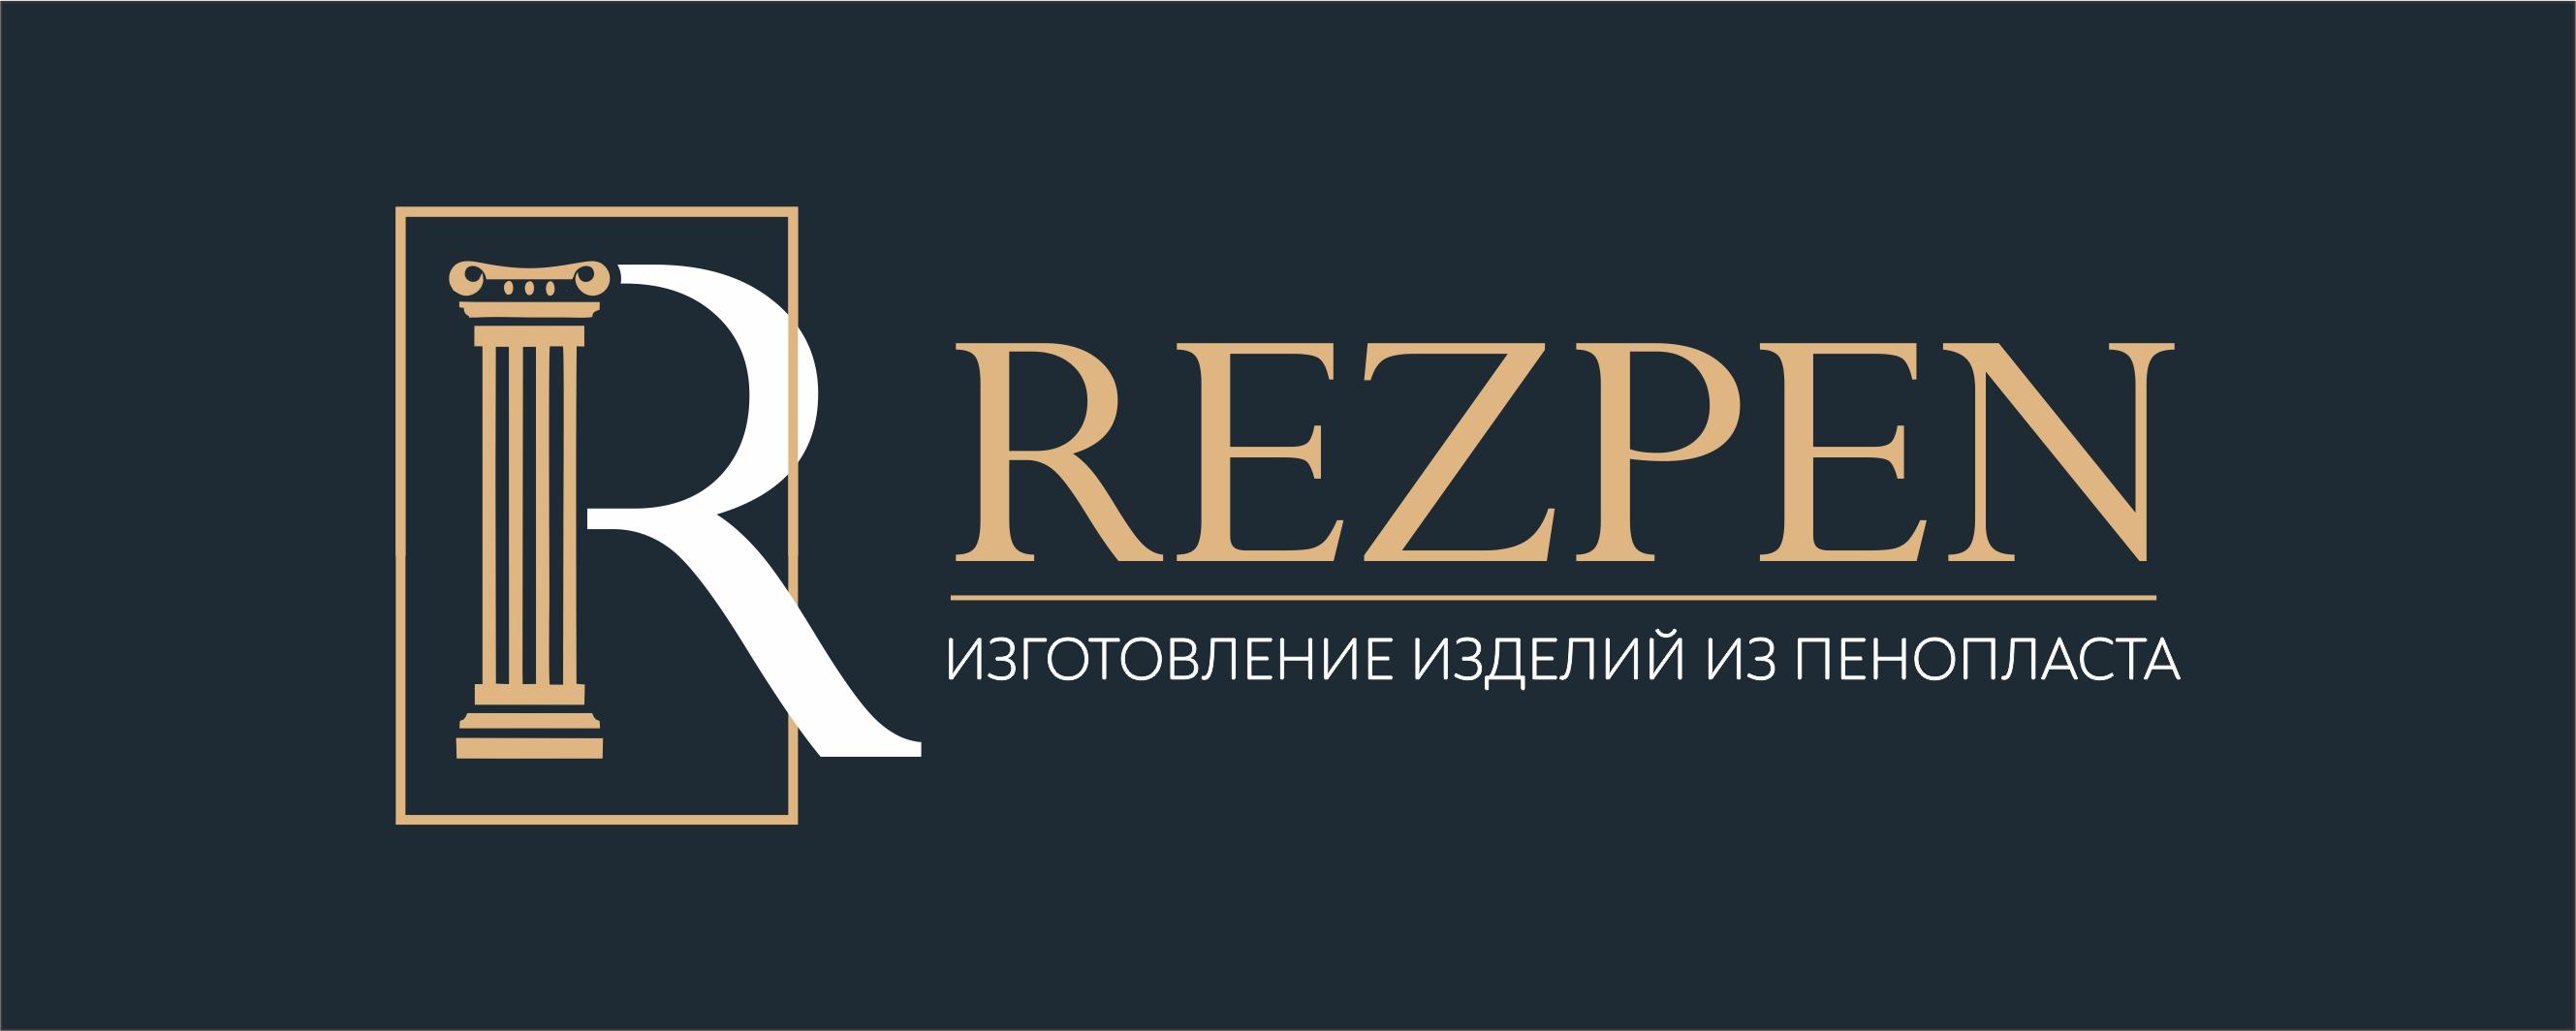 Редизайн логотипа фото f_8515a4e71e38aad8.jpg